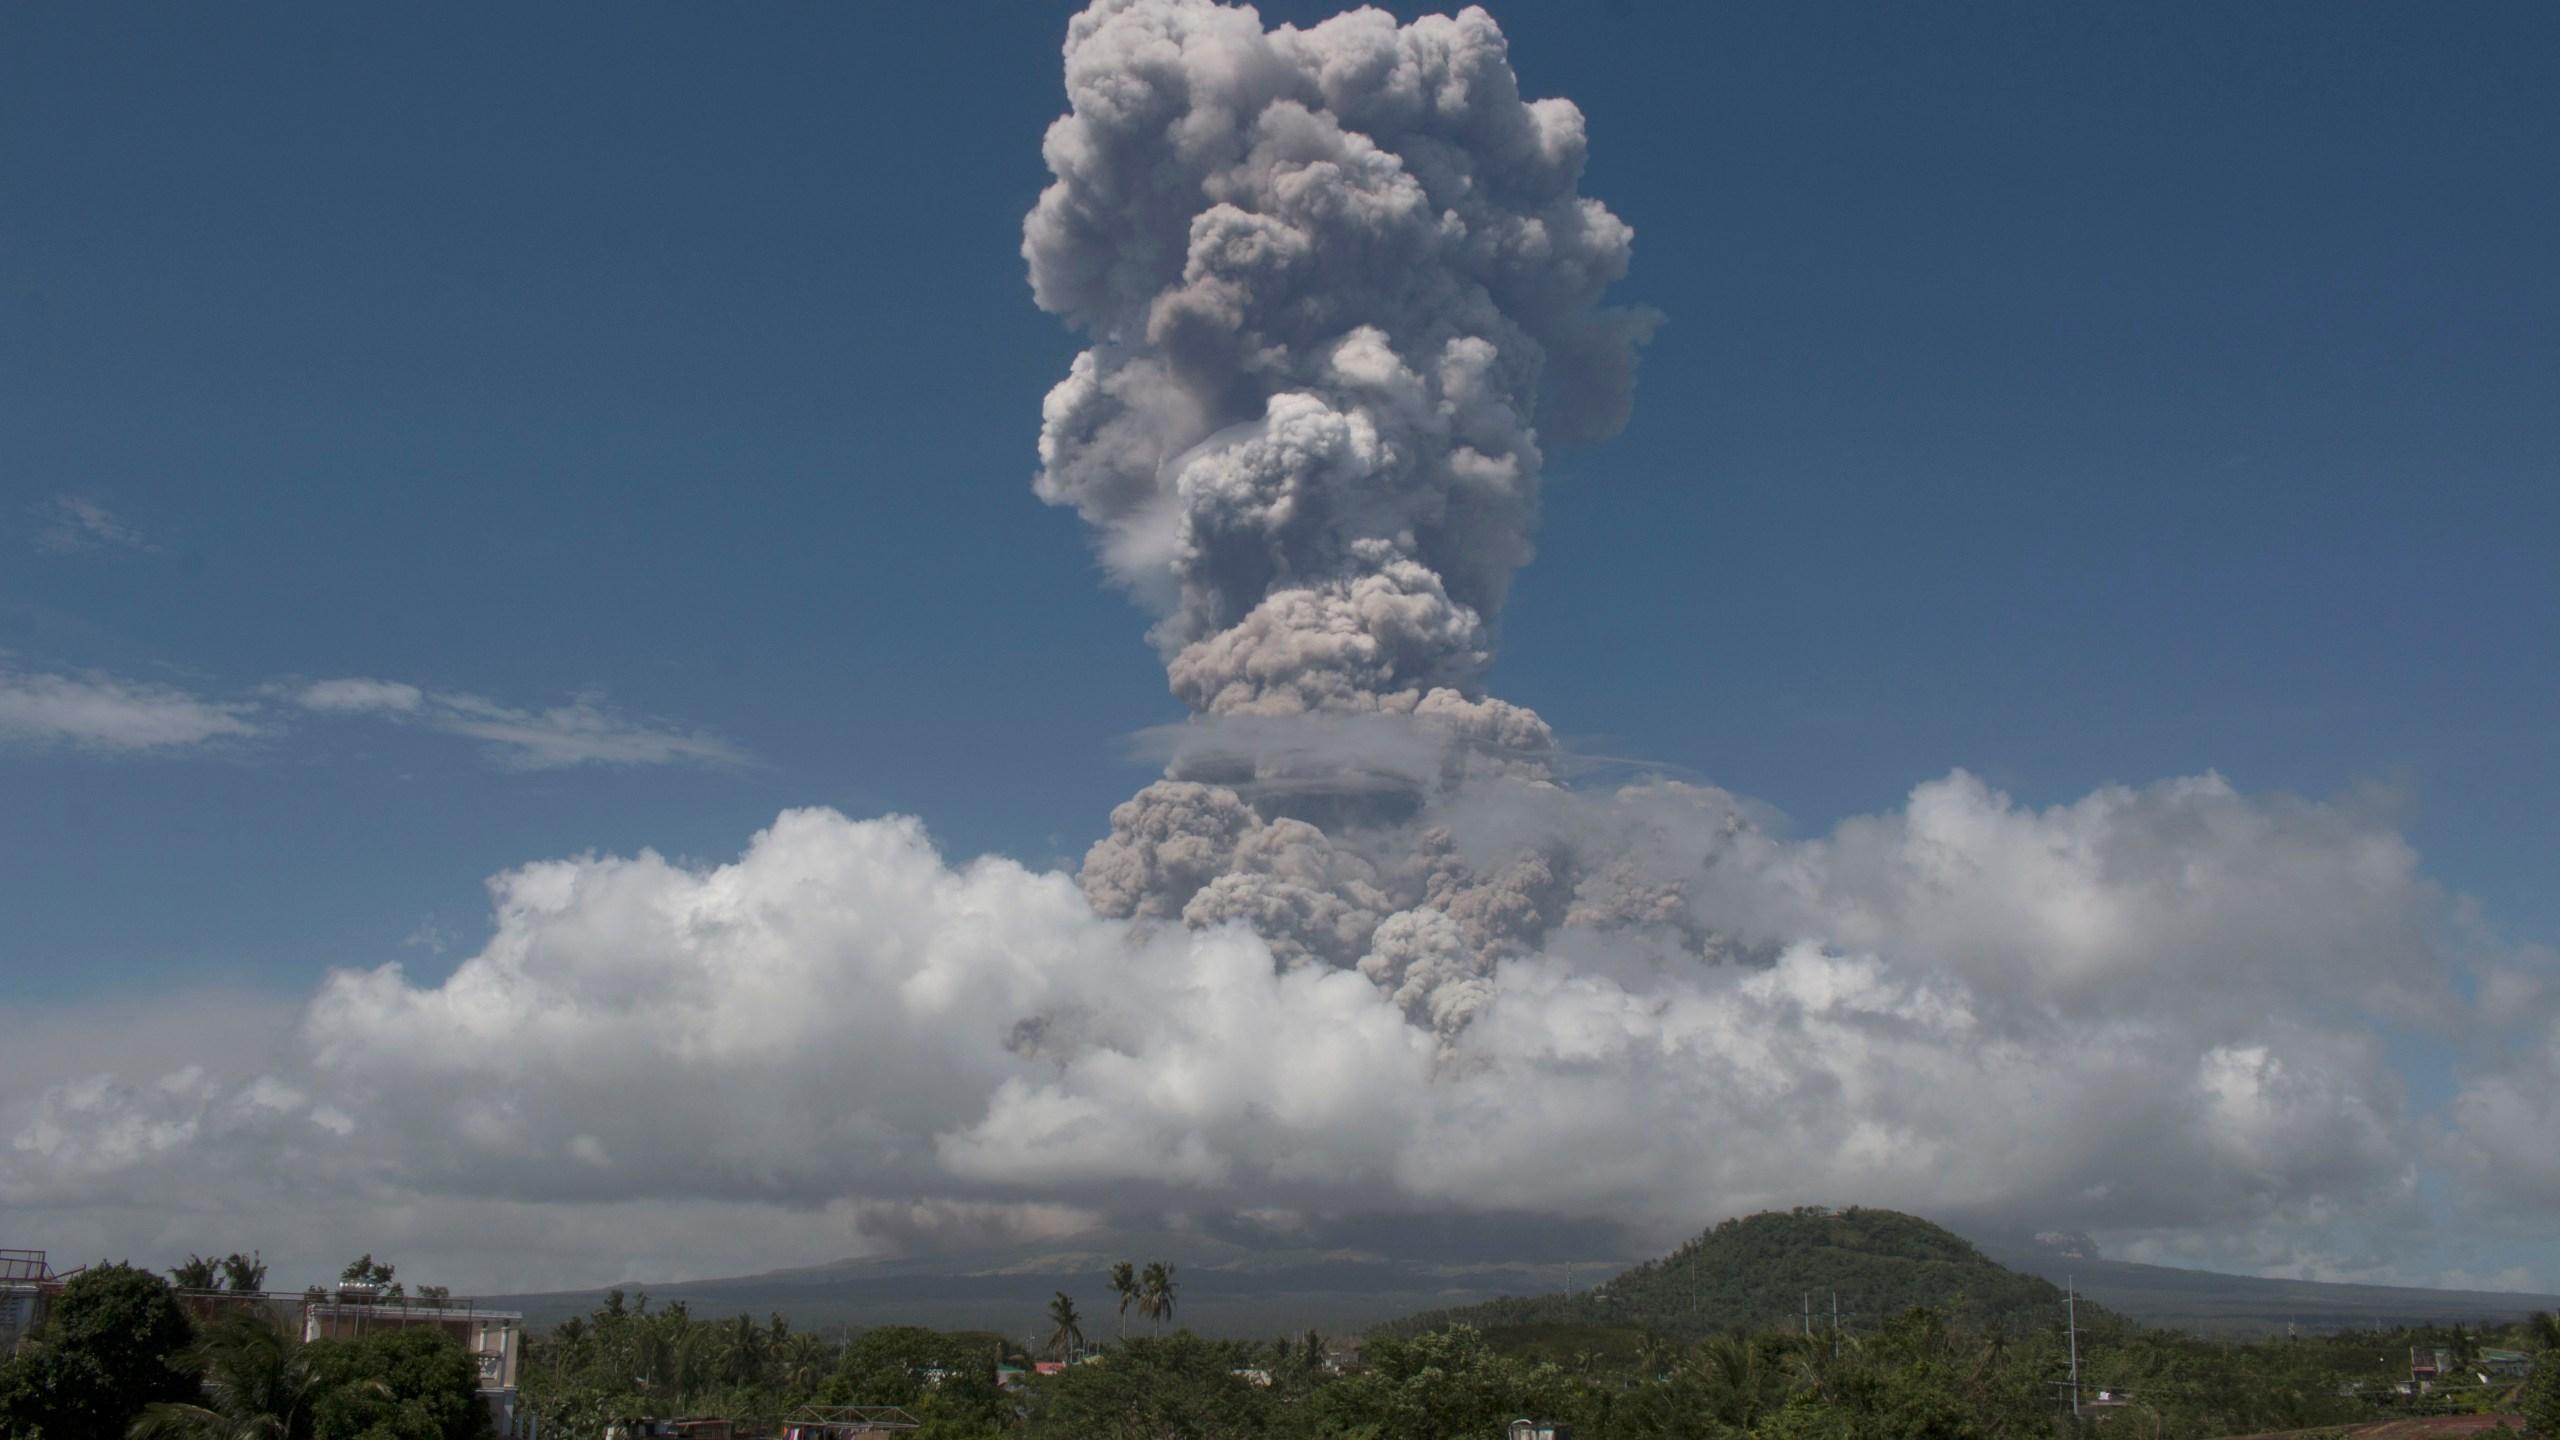 APTOPIX_Philippines_Volcano_82231-159532.jpg09747746